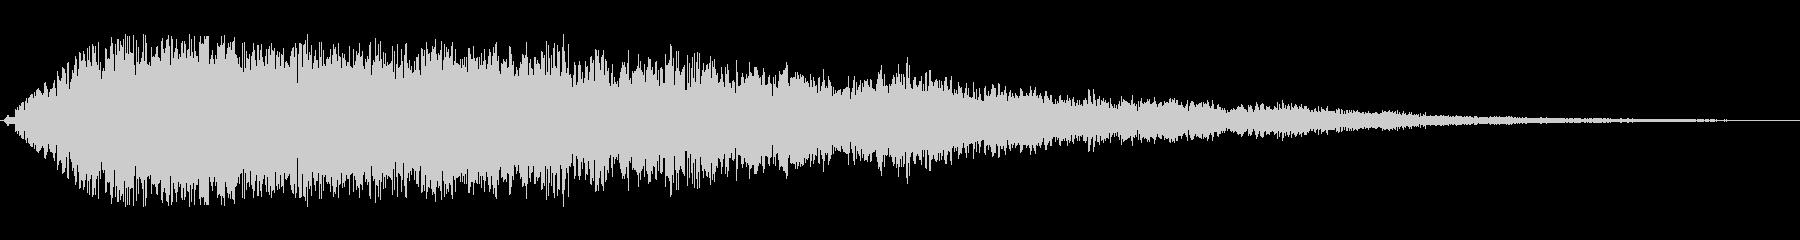 シャララ(アップ長め)の未再生の波形